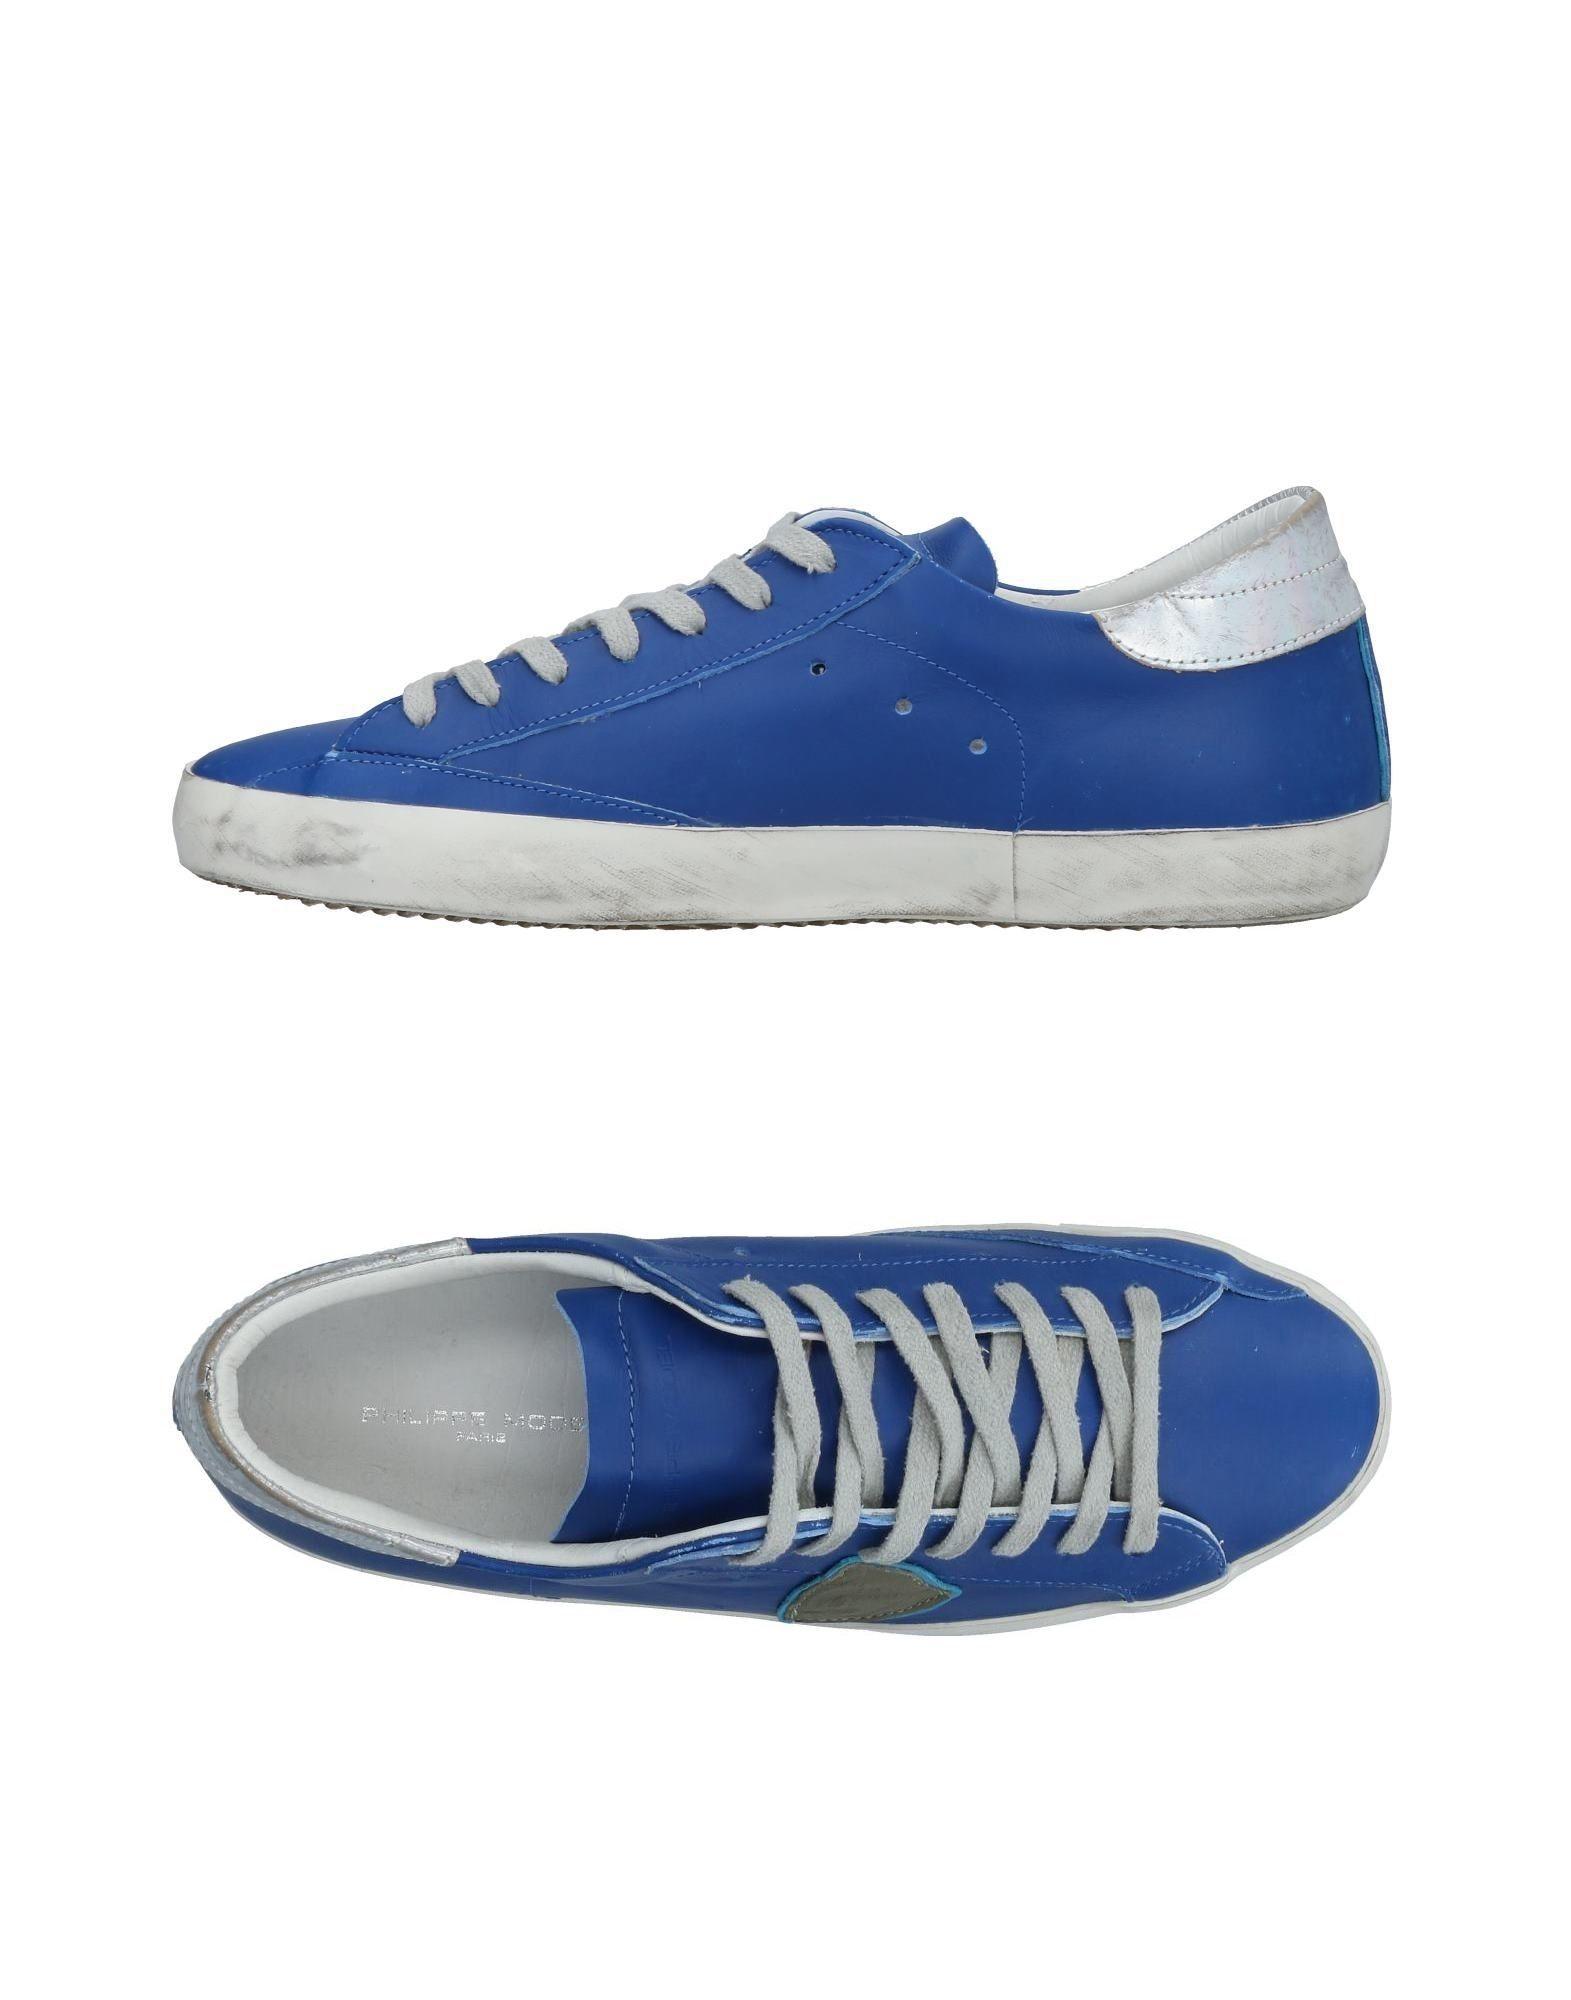 Dondup Dondup Dondup Sneakers Herren Gutes Preis-Leistungs-Verhältnis, es lohnt sich 73ef26